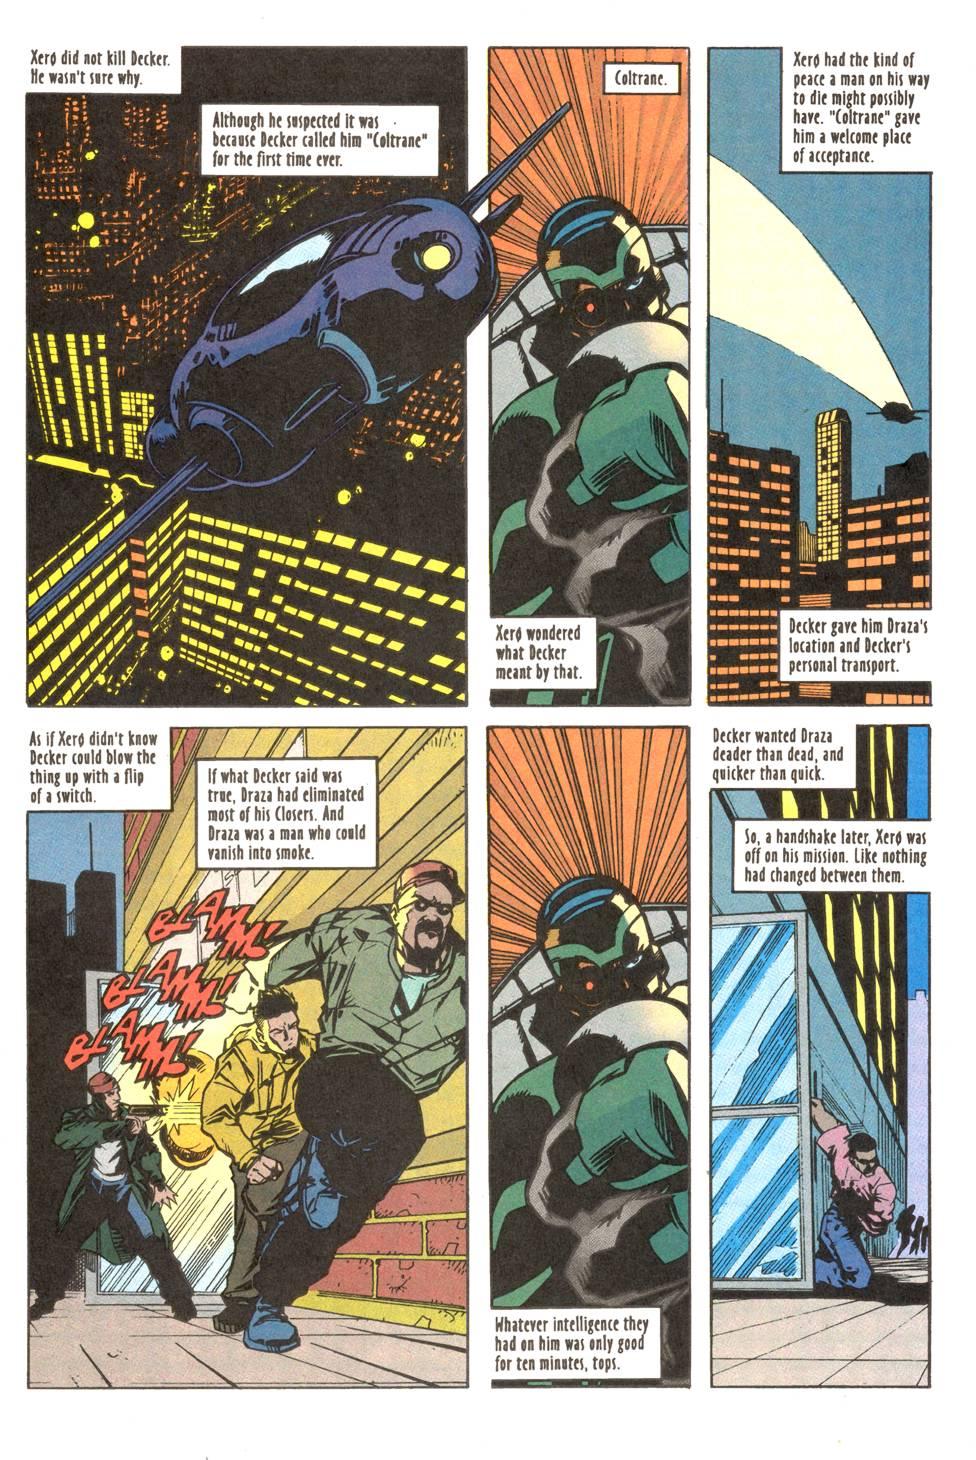 Read online Xero comic -  Issue #11 - 22